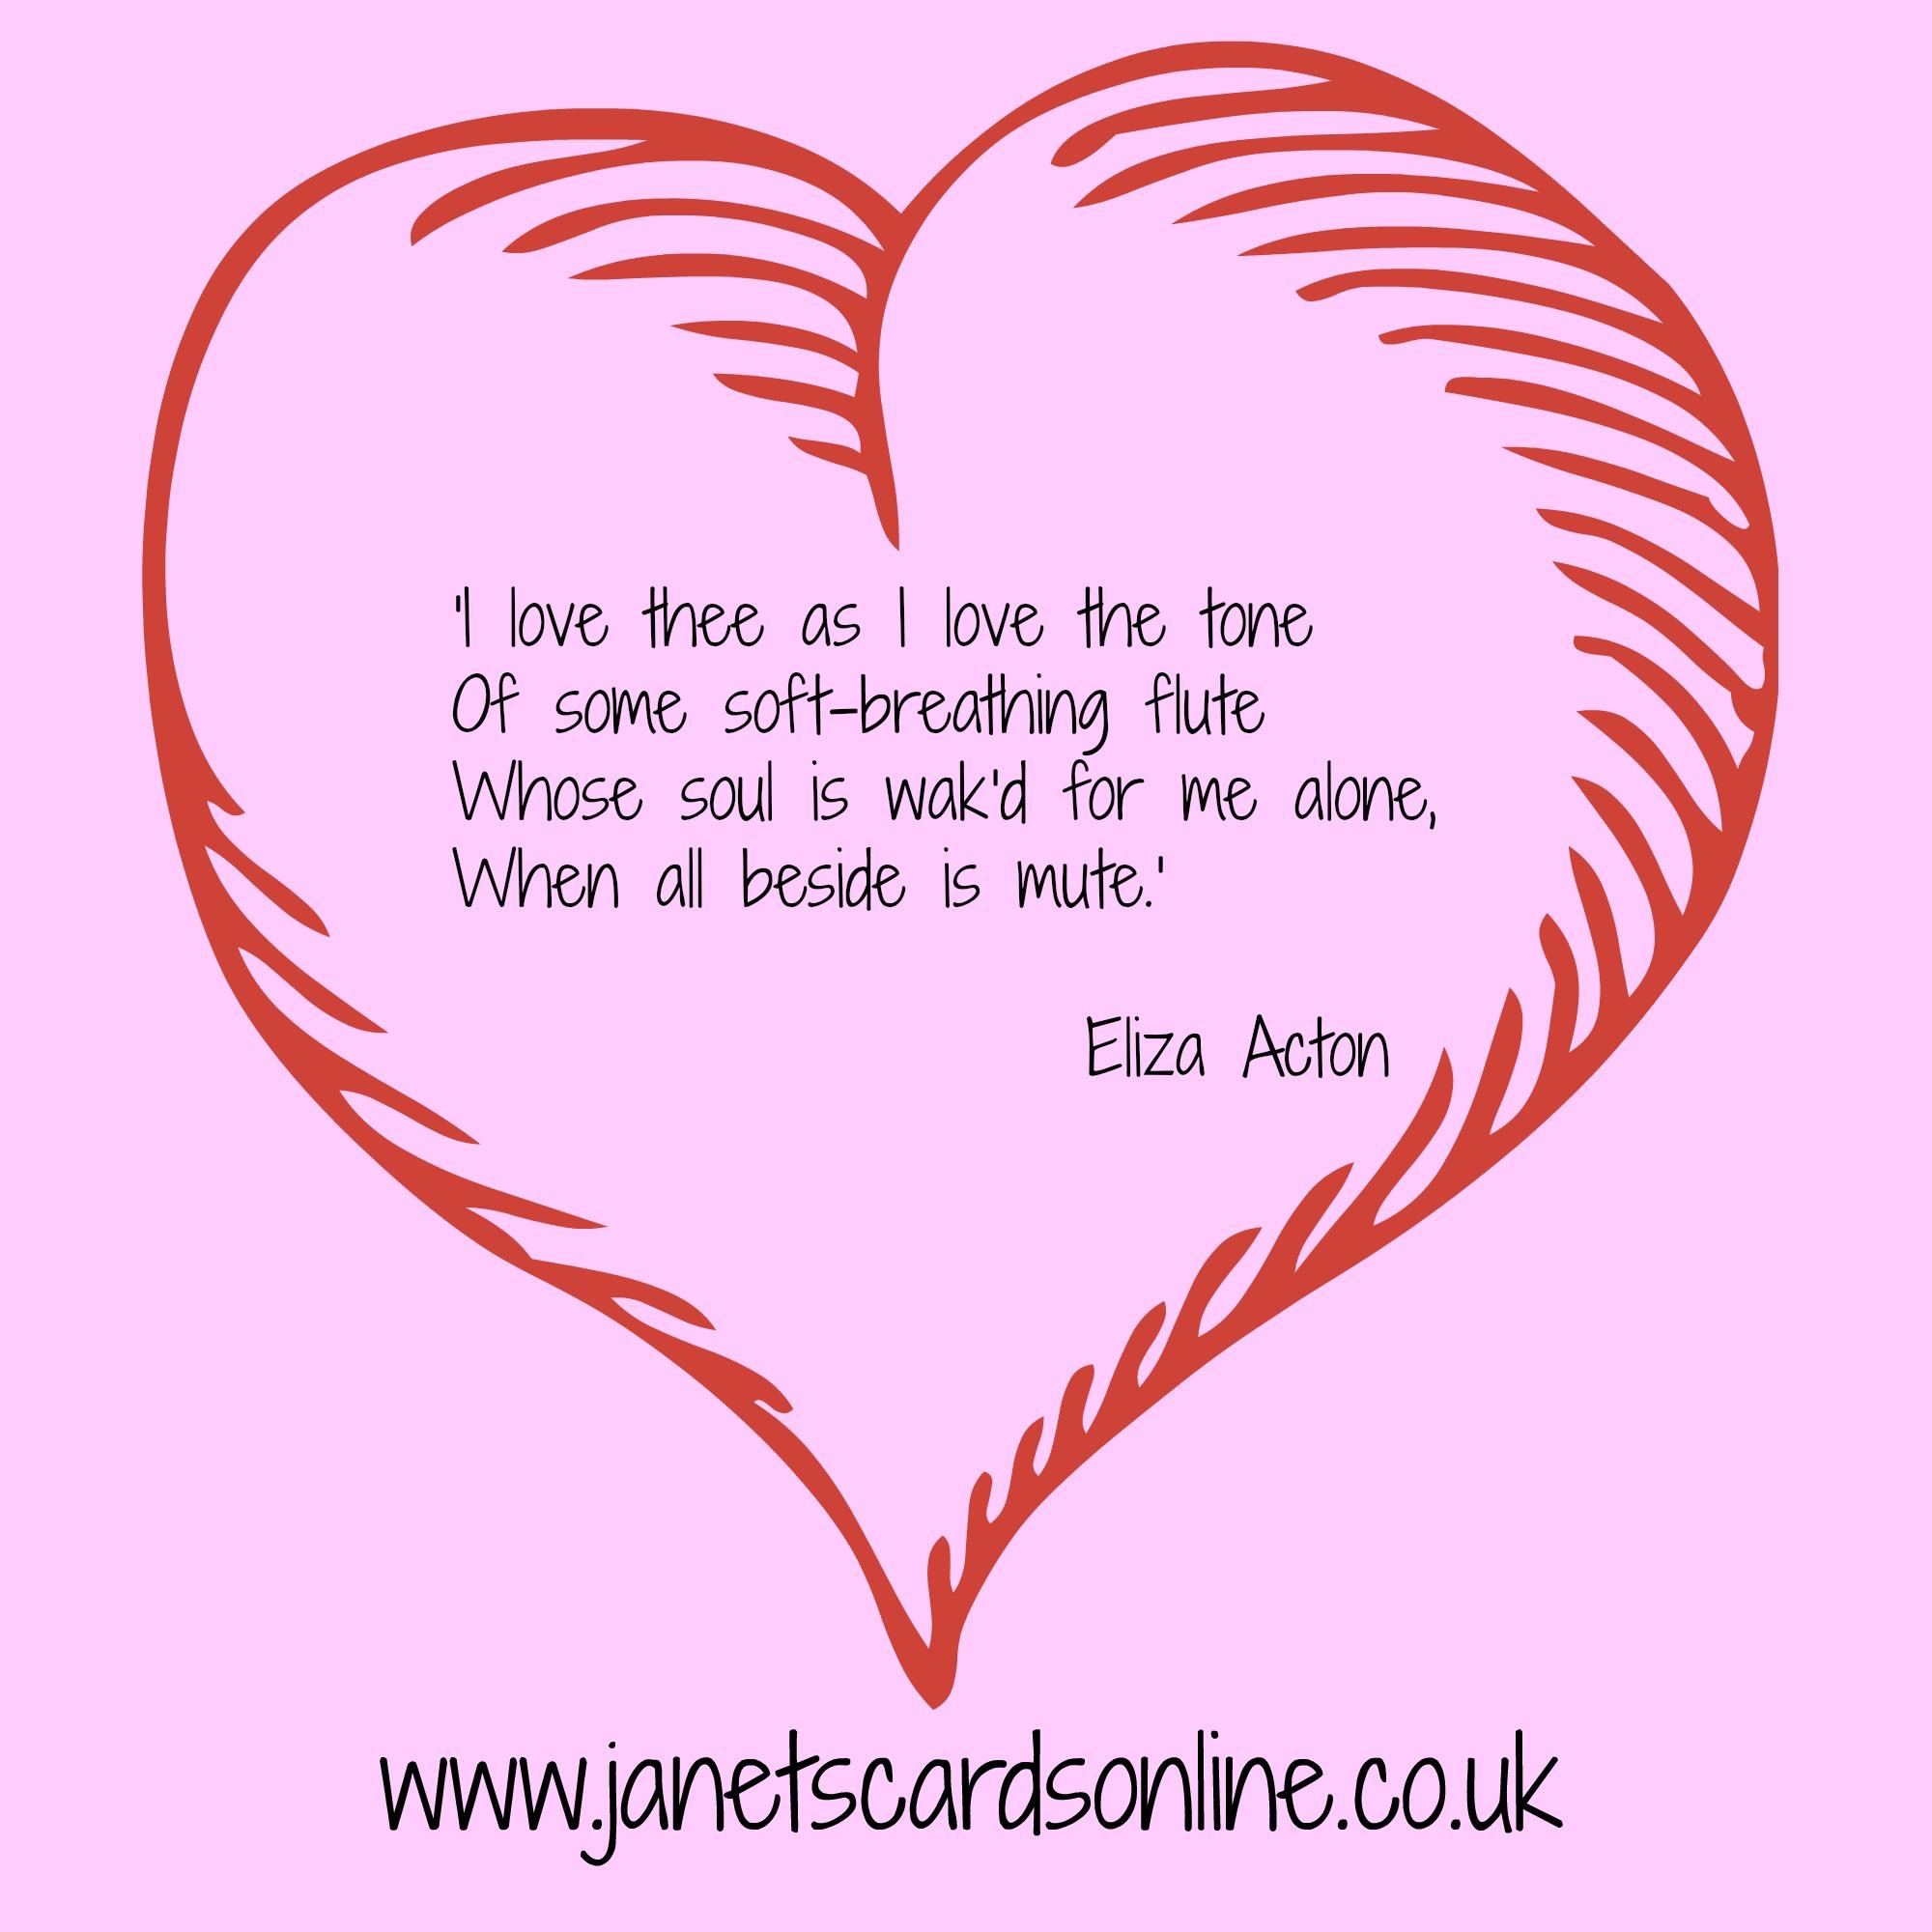 Eliza Acton love poem quote valentines day